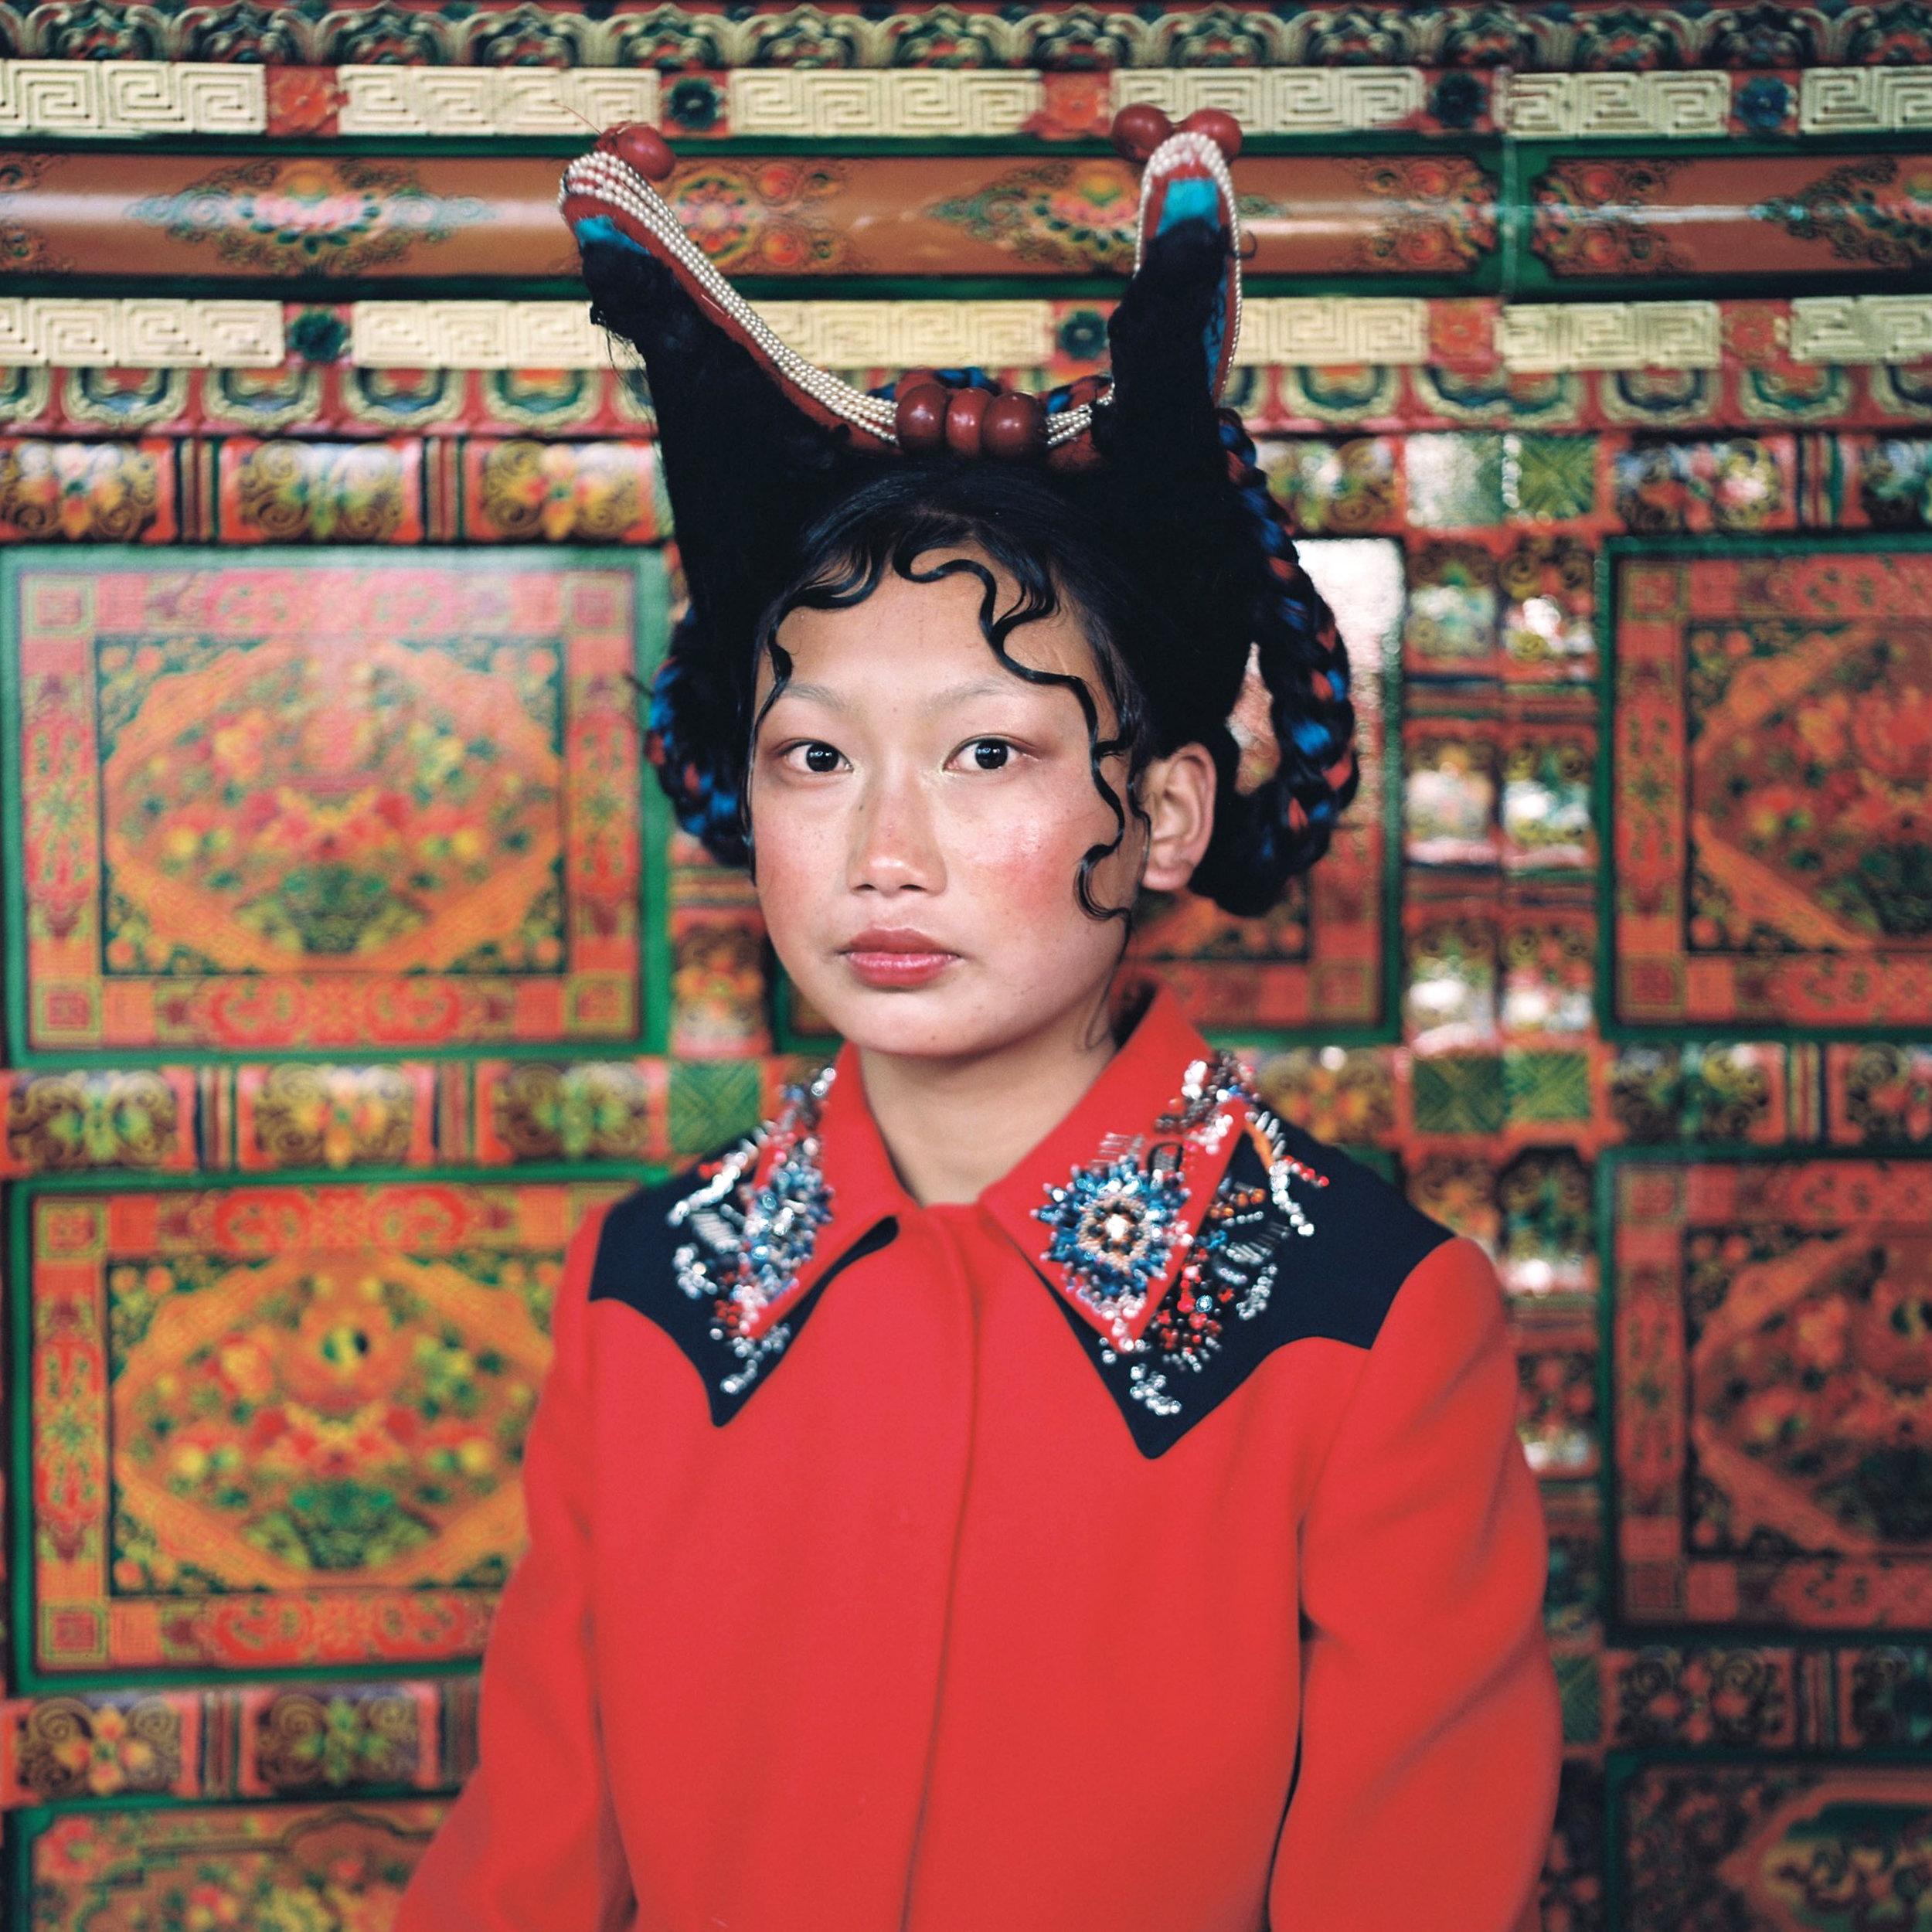 nyema-droma-sons-of-himalaya-photography-of-china-11.jpg